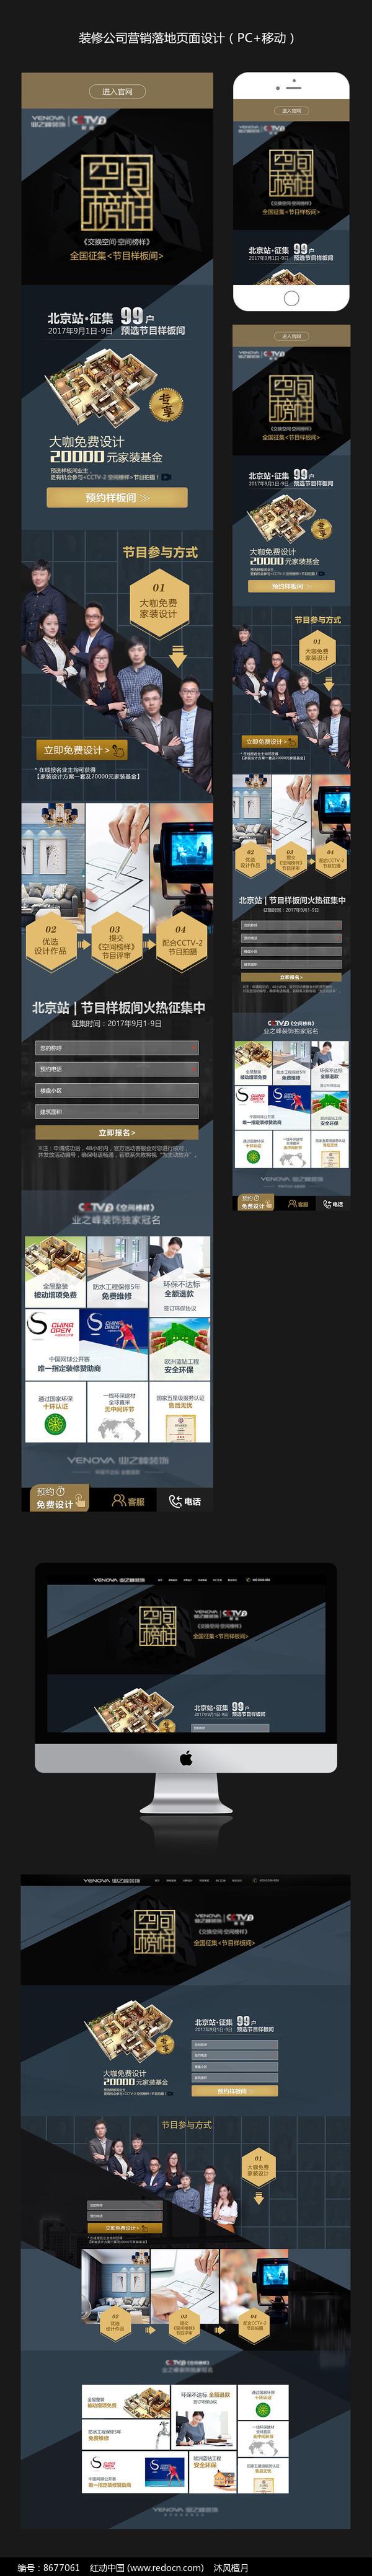 装修公司PC移动页面设计图片